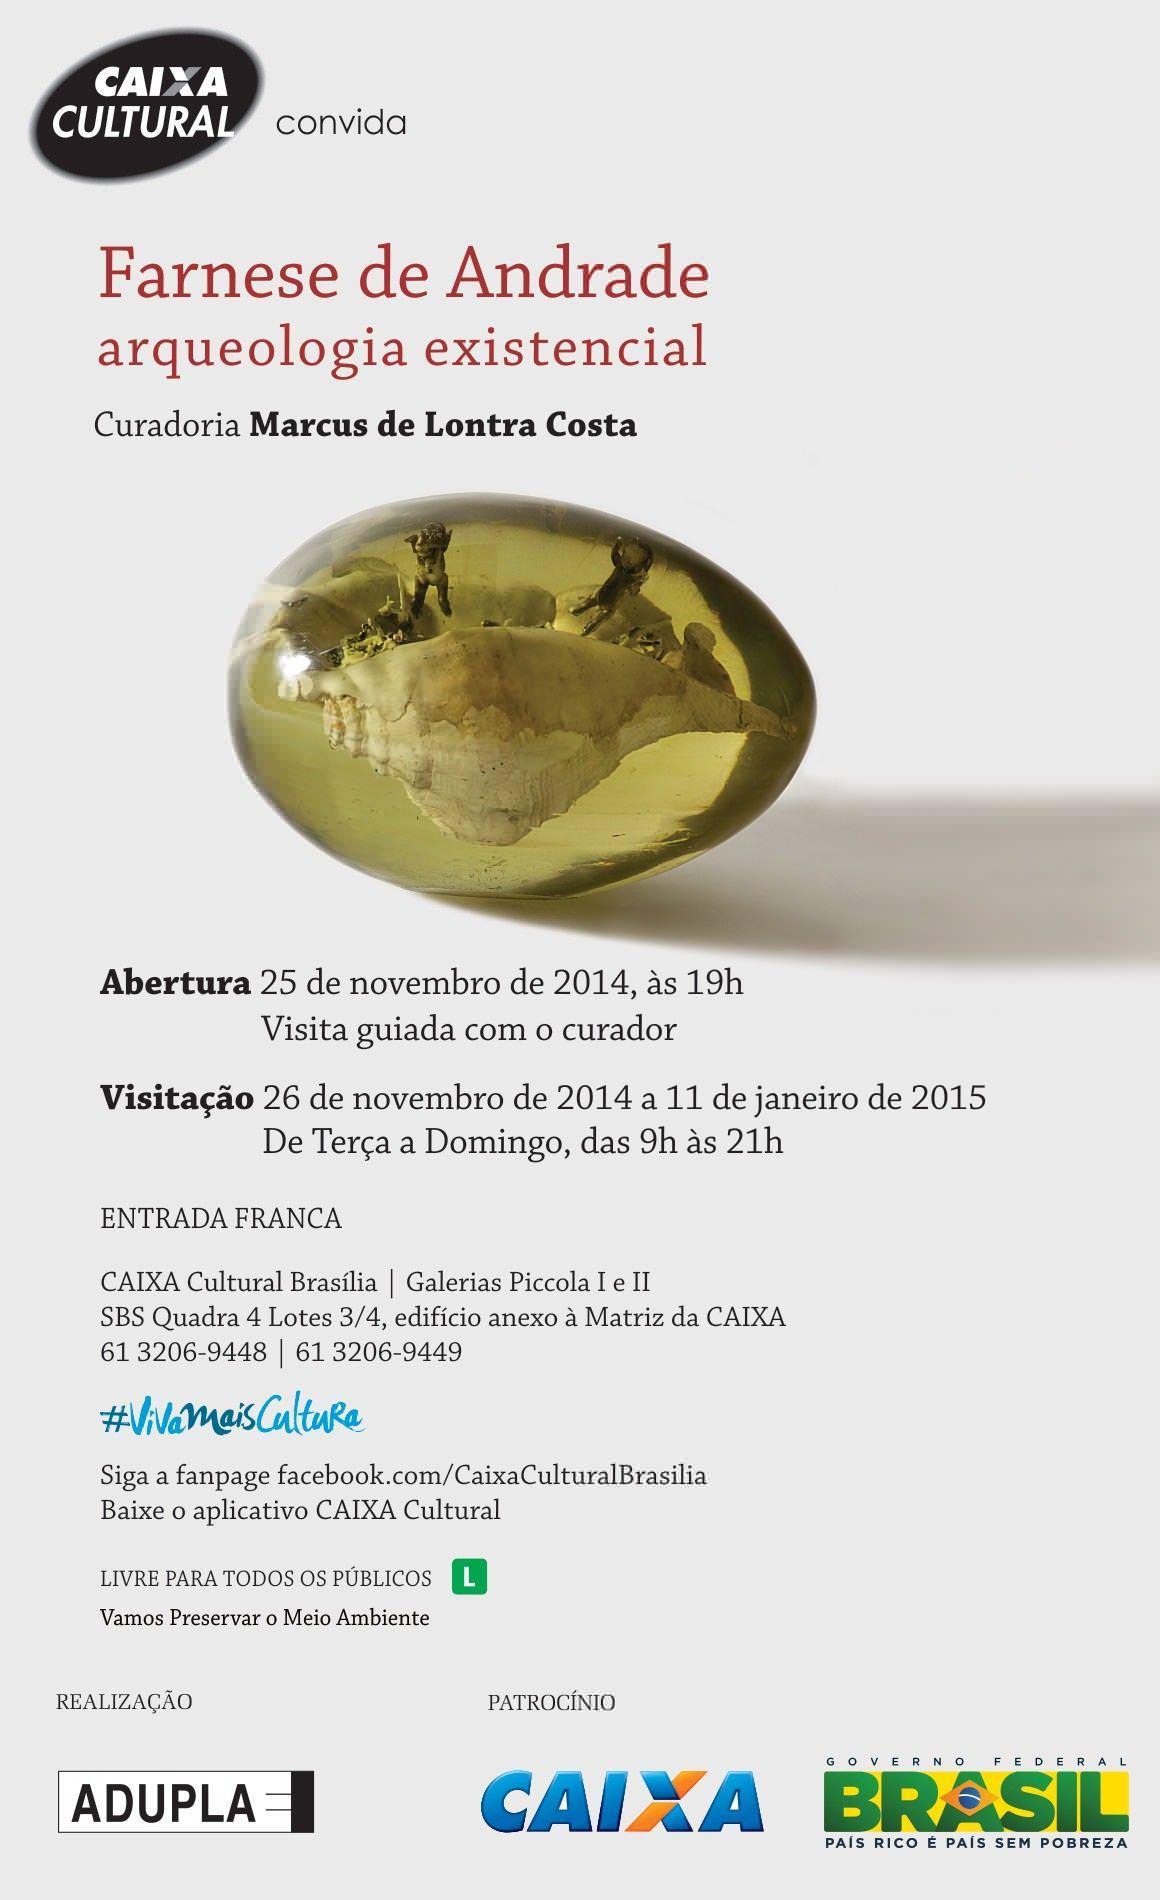 Exposição na Caixa Cultural – Farnese de Andrade